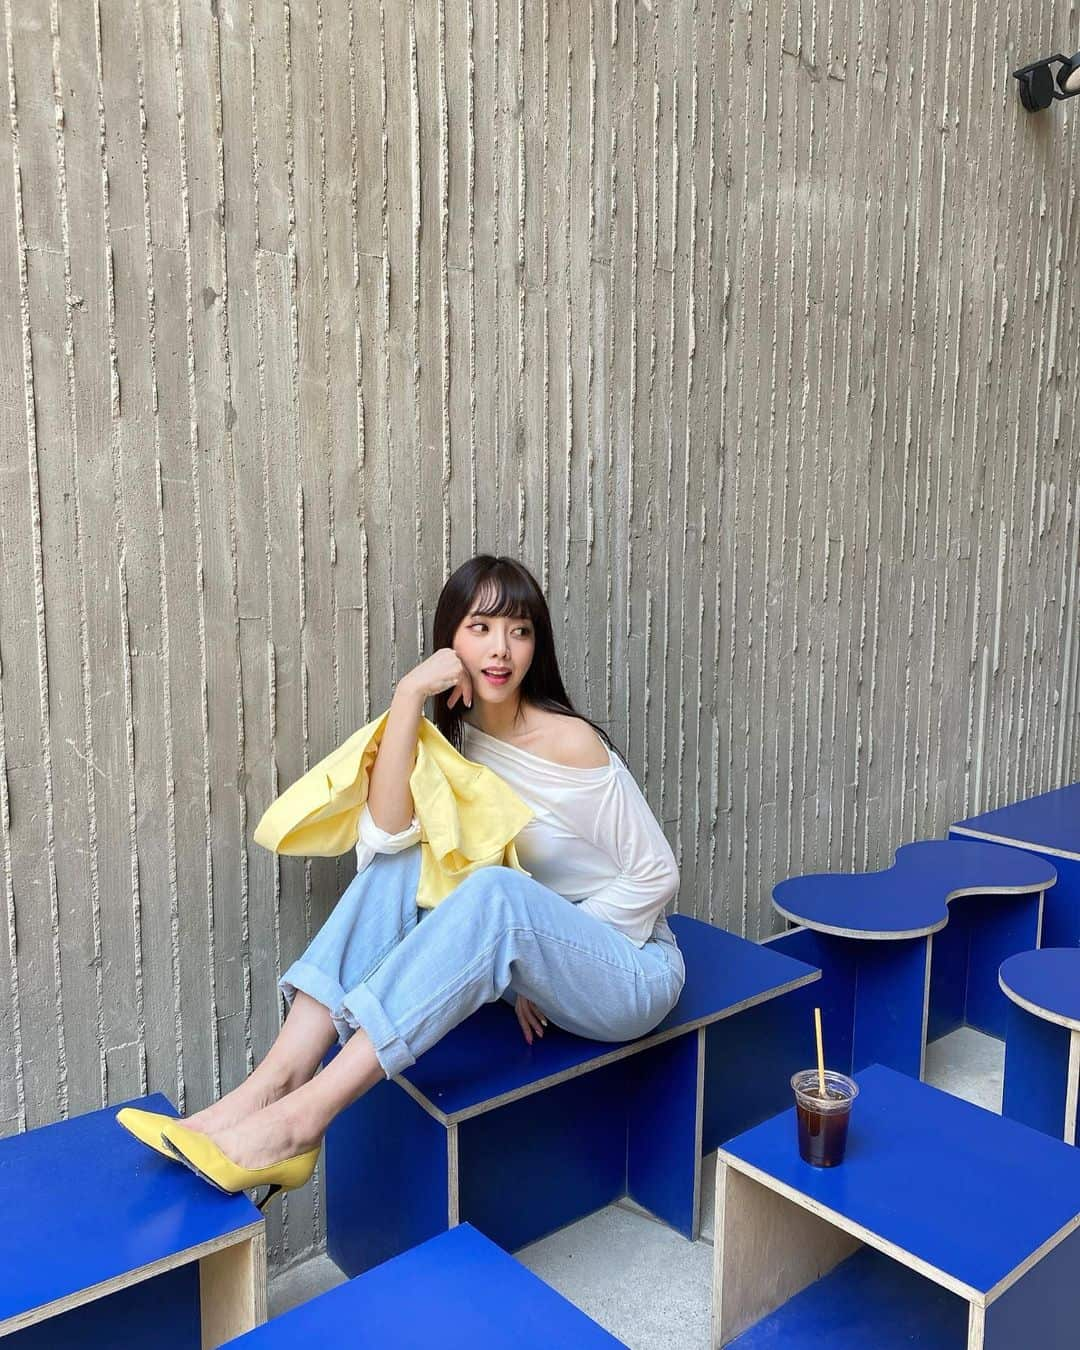 오프숄더 등으로 로맨틱한 무드를 완성한 은지 - 은지 인스타그램 출처